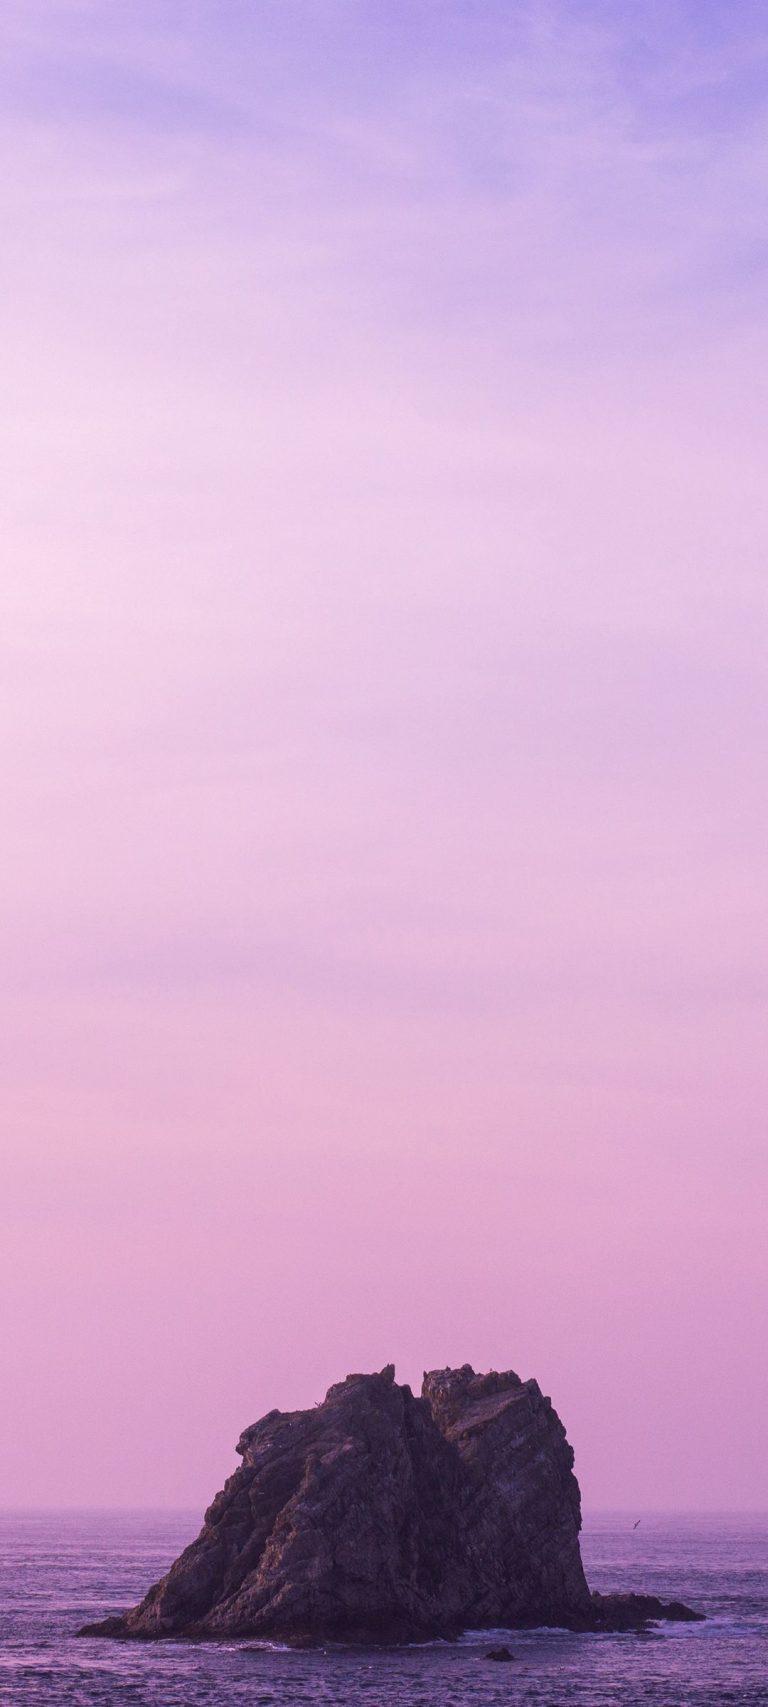 Sea Stone Sky Lilac 1080x2400 768x1707